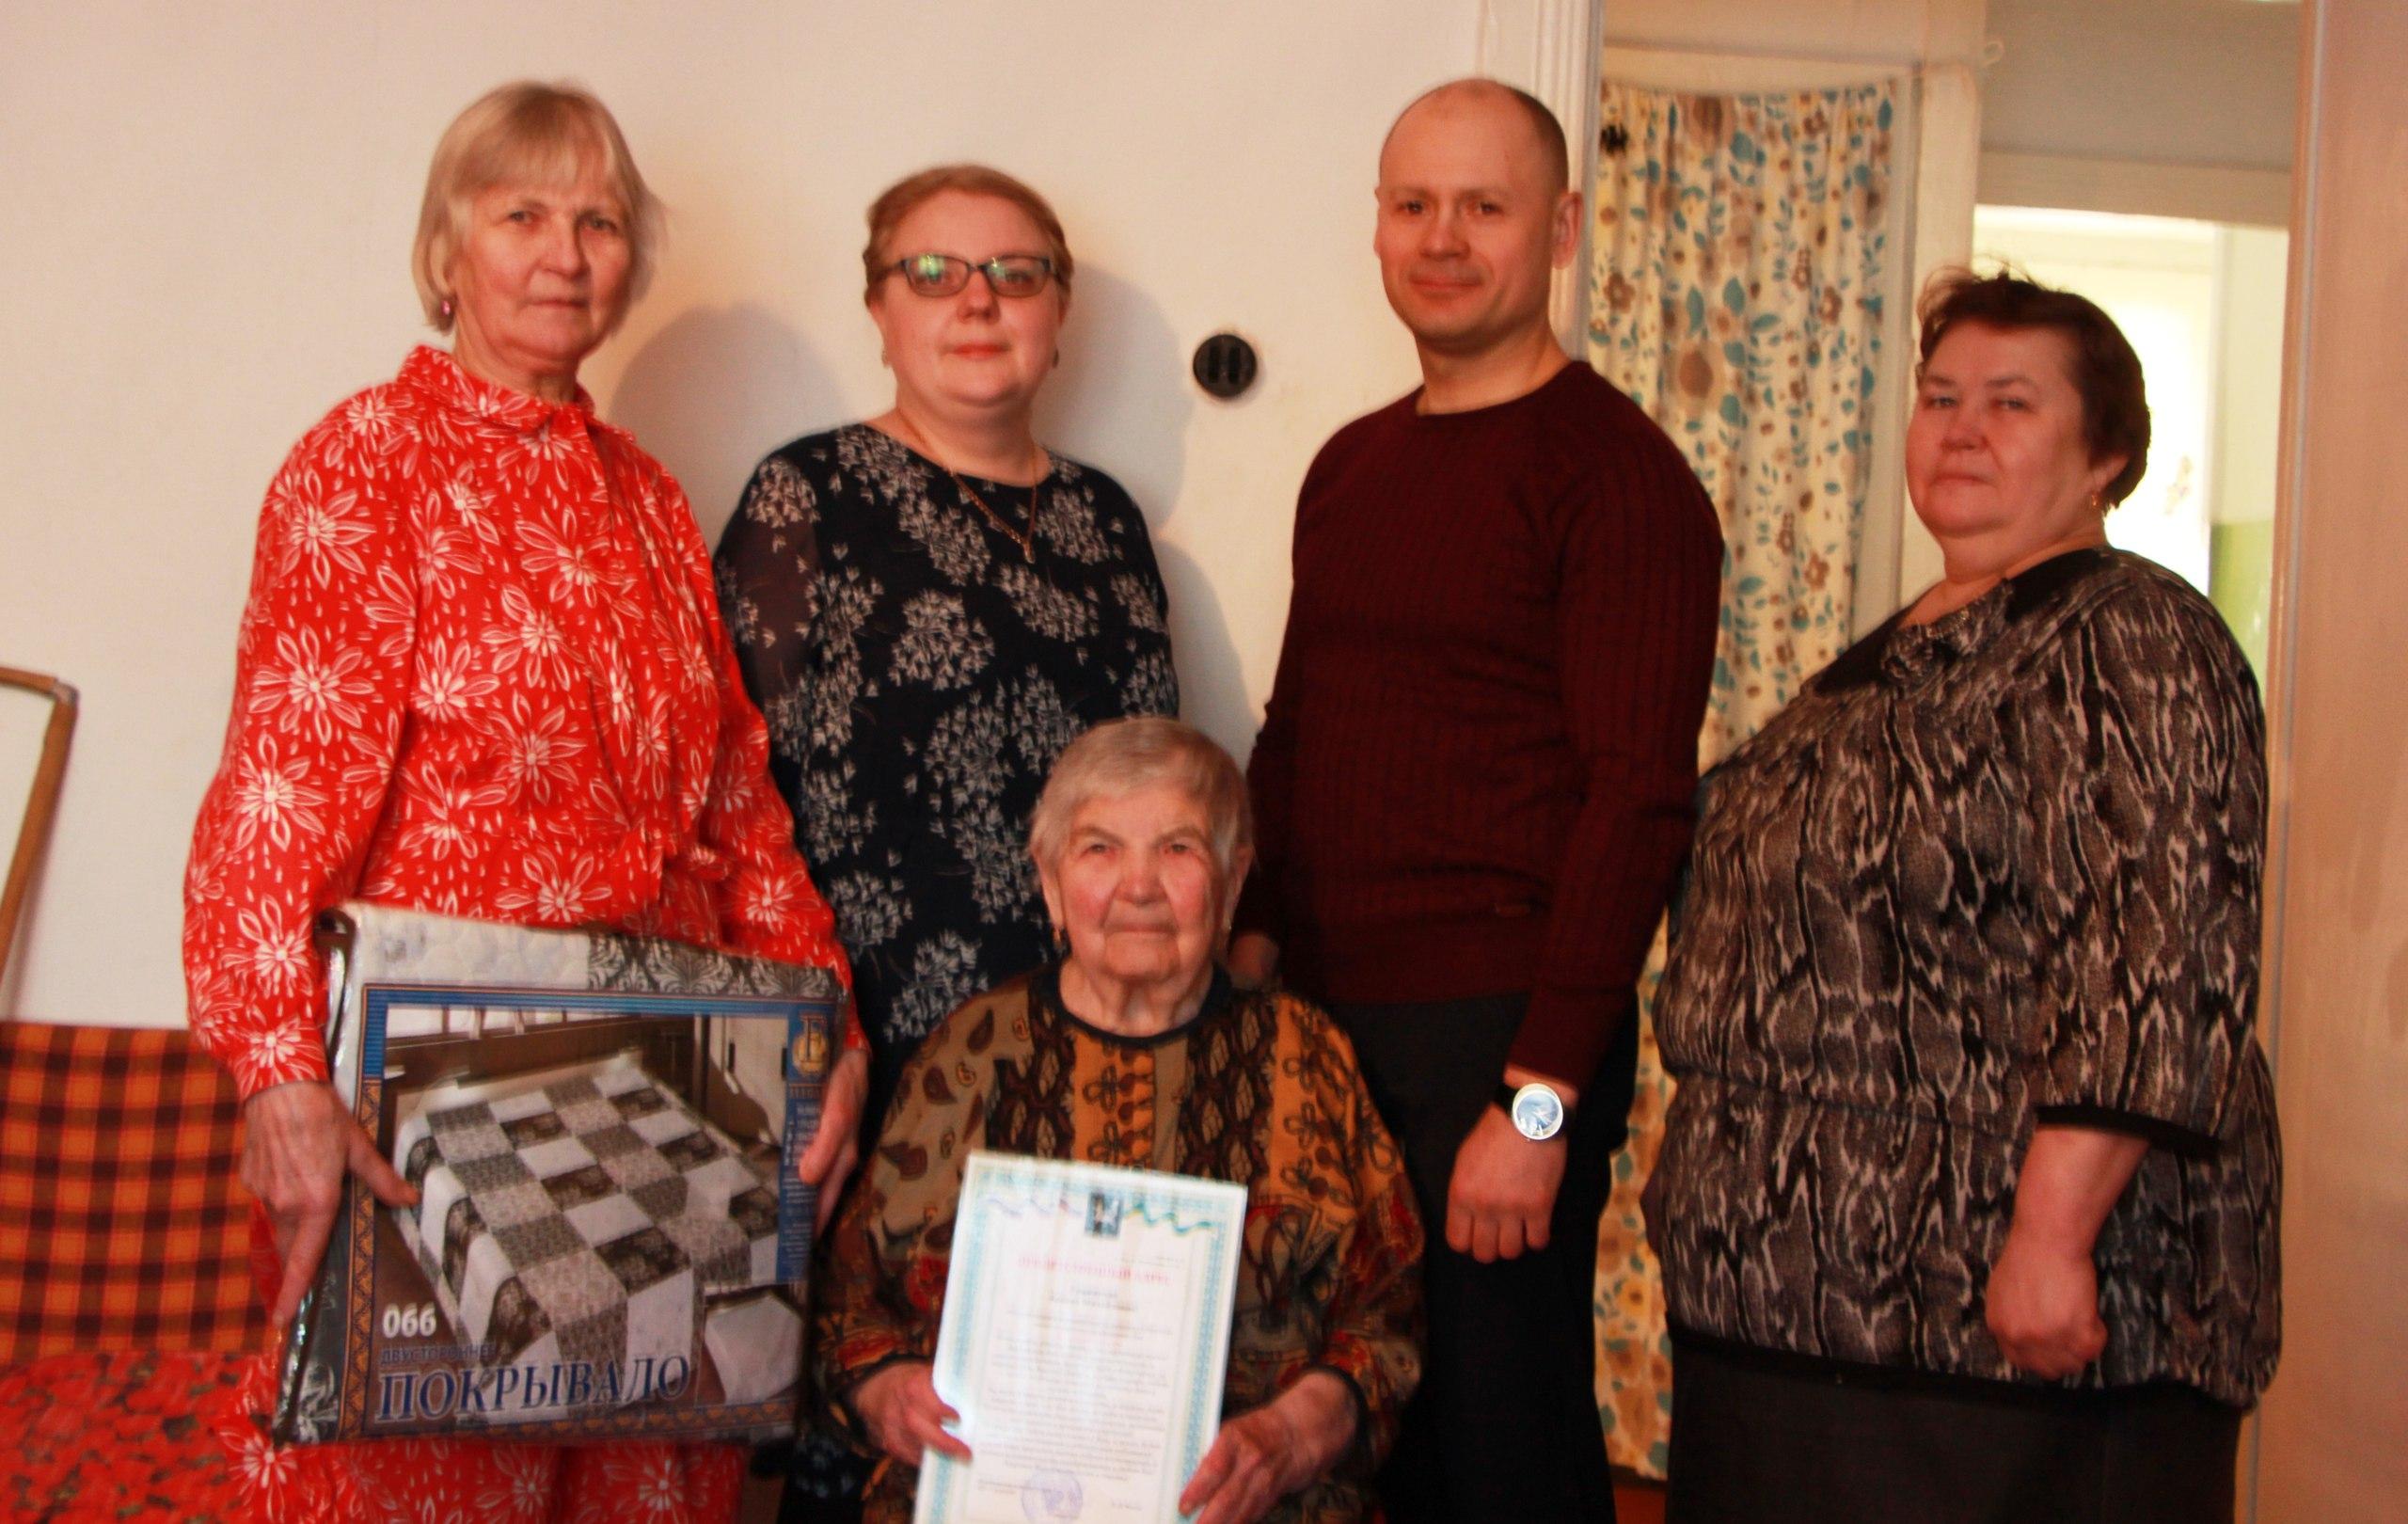 Поздравления с 15 летием предприятия дом престарелых пансионаты для престарелых и инвалидов свердловская область